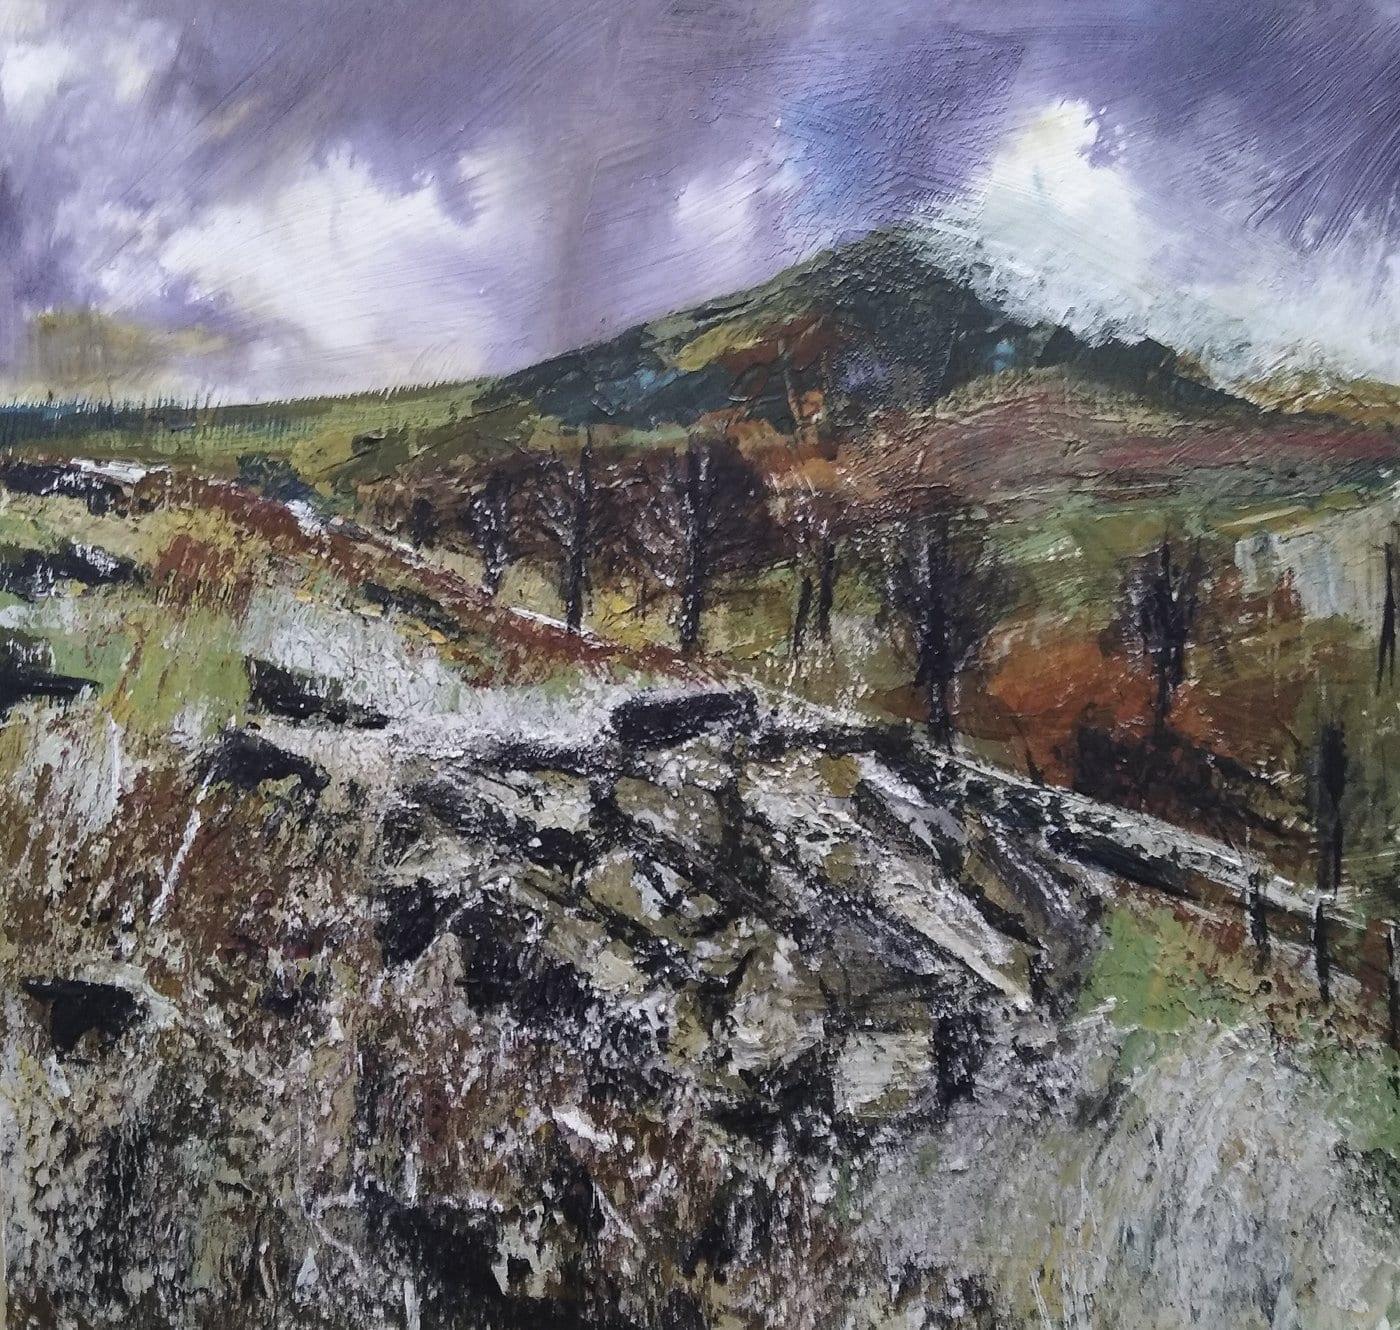 'Rocky Outcrop' by Pat Richardson